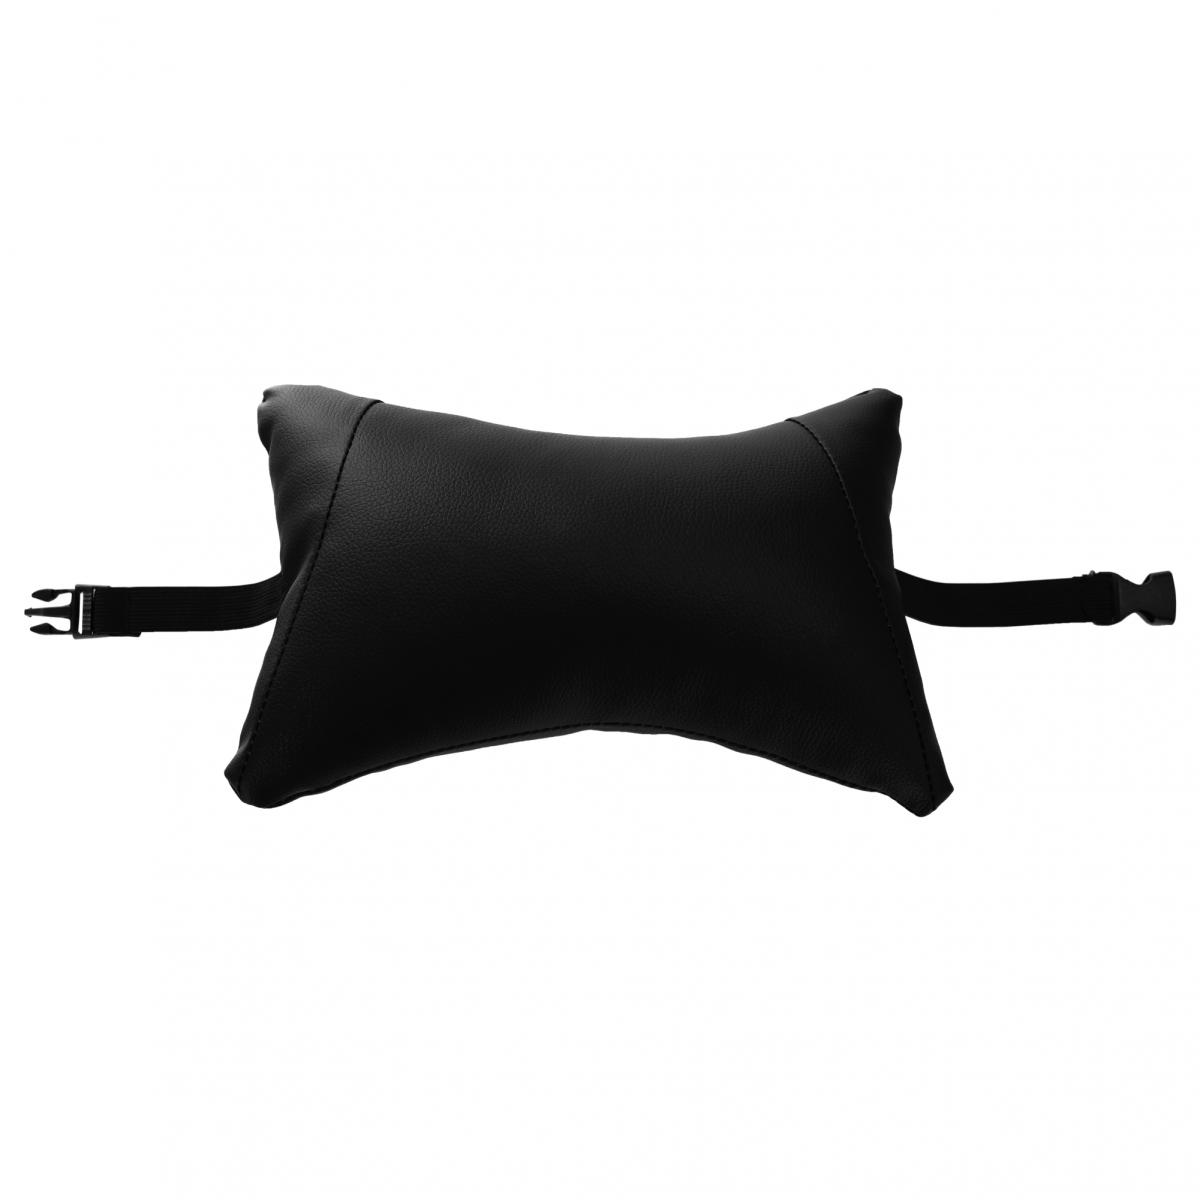 Irodai/gamer szék RGB LED háttérvilágítással, fekete, MAFIRO